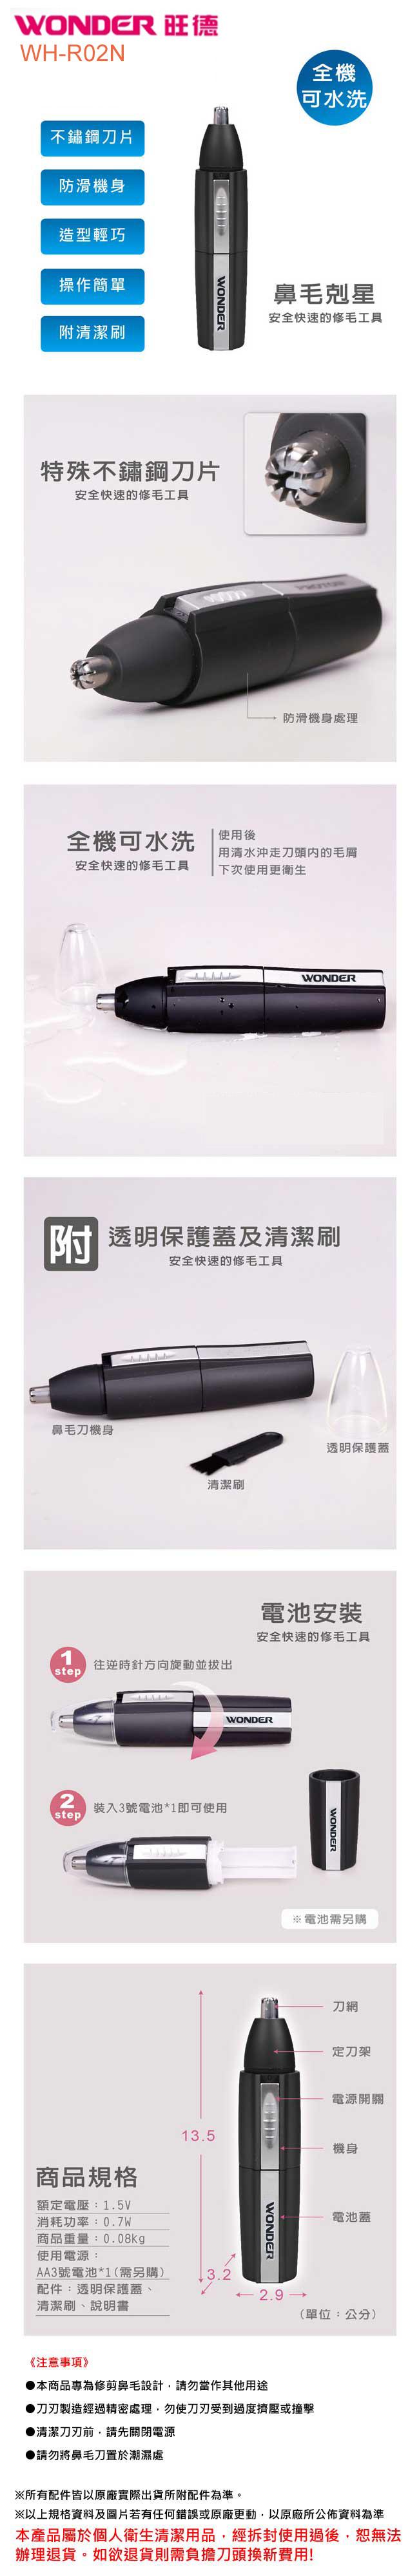 含稅 公司貨 WONDER 旺德 WH-R02N 鼻毛刀 電動鼻毛刀 全機 防水 不銹鋼刀頭